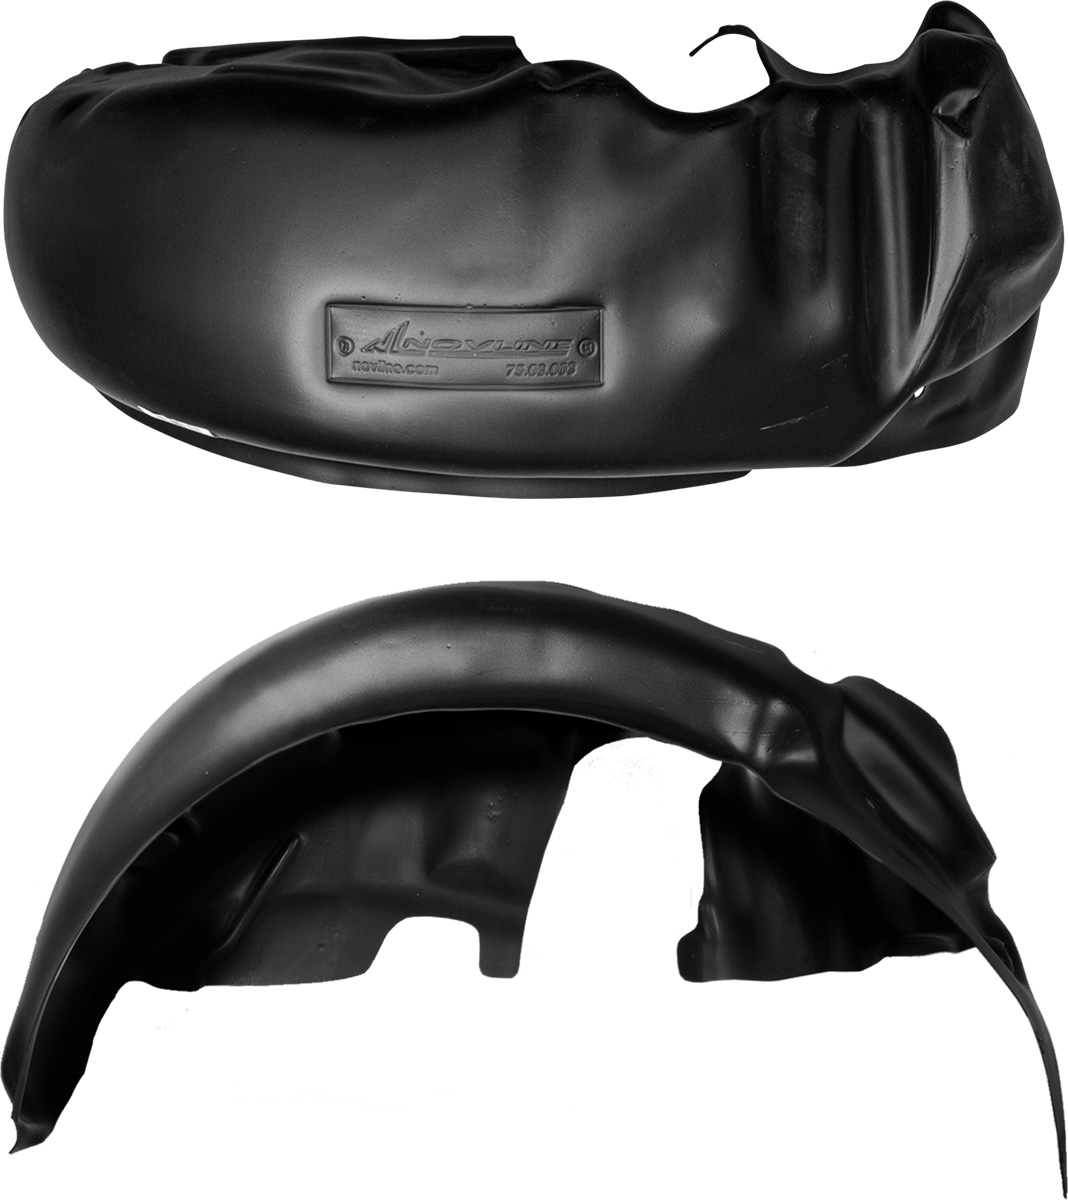 Подкрылок ВАЗ 11183 Kalina 2004-2013, б/б, задний левыйCA-3505Колесные ниши – одни из самых уязвимых зон днища вашего автомобиля. Они постоянно подвергаются воздействию со стороны дороги. Лучшая, почти абсолютная защита для них - специально отформованные пластиковые кожухи, которые называются подкрылками, или локерами. Производятся они как для отечественных моделей автомобилей, так и для иномарок. Подкрылки выполнены из высококачественного, экологически чистого пластика. Обеспечивают надежную защиту кузова автомобиля от пескоструйного эффекта и негативного влияния, агрессивных антигололедных реагентов. Пластик обладает более низкой теплопроводностью, чем металл, поэтому в зимний период эксплуатации использование пластиковых подкрылков позволяет лучше защитить колесные ниши от налипания снега и образования наледи. Оригинальность конструкции подчеркивает элегантность автомобиля, бережно защищает нанесенное на днище кузова антикоррозийное покрытие и позволяет осуществить крепление подкрылков внутри колесной арки практически без дополнительного крепежа и сверления, не нарушая при этом лакокрасочного покрытия, что предотвращает возникновение новых очагов коррозии. Технология крепления подкрылков на иномарки принципиально отличается от крепления на российские автомобили и разрабатывается индивидуально для каждой модели автомобиля. Подкрылки долговечны, обладают высокой прочностью и сохраняют заданную форму, а также все свои физико-механические характеристики в самых тяжелых климатических условиях ( от -50° С до + 50° С).